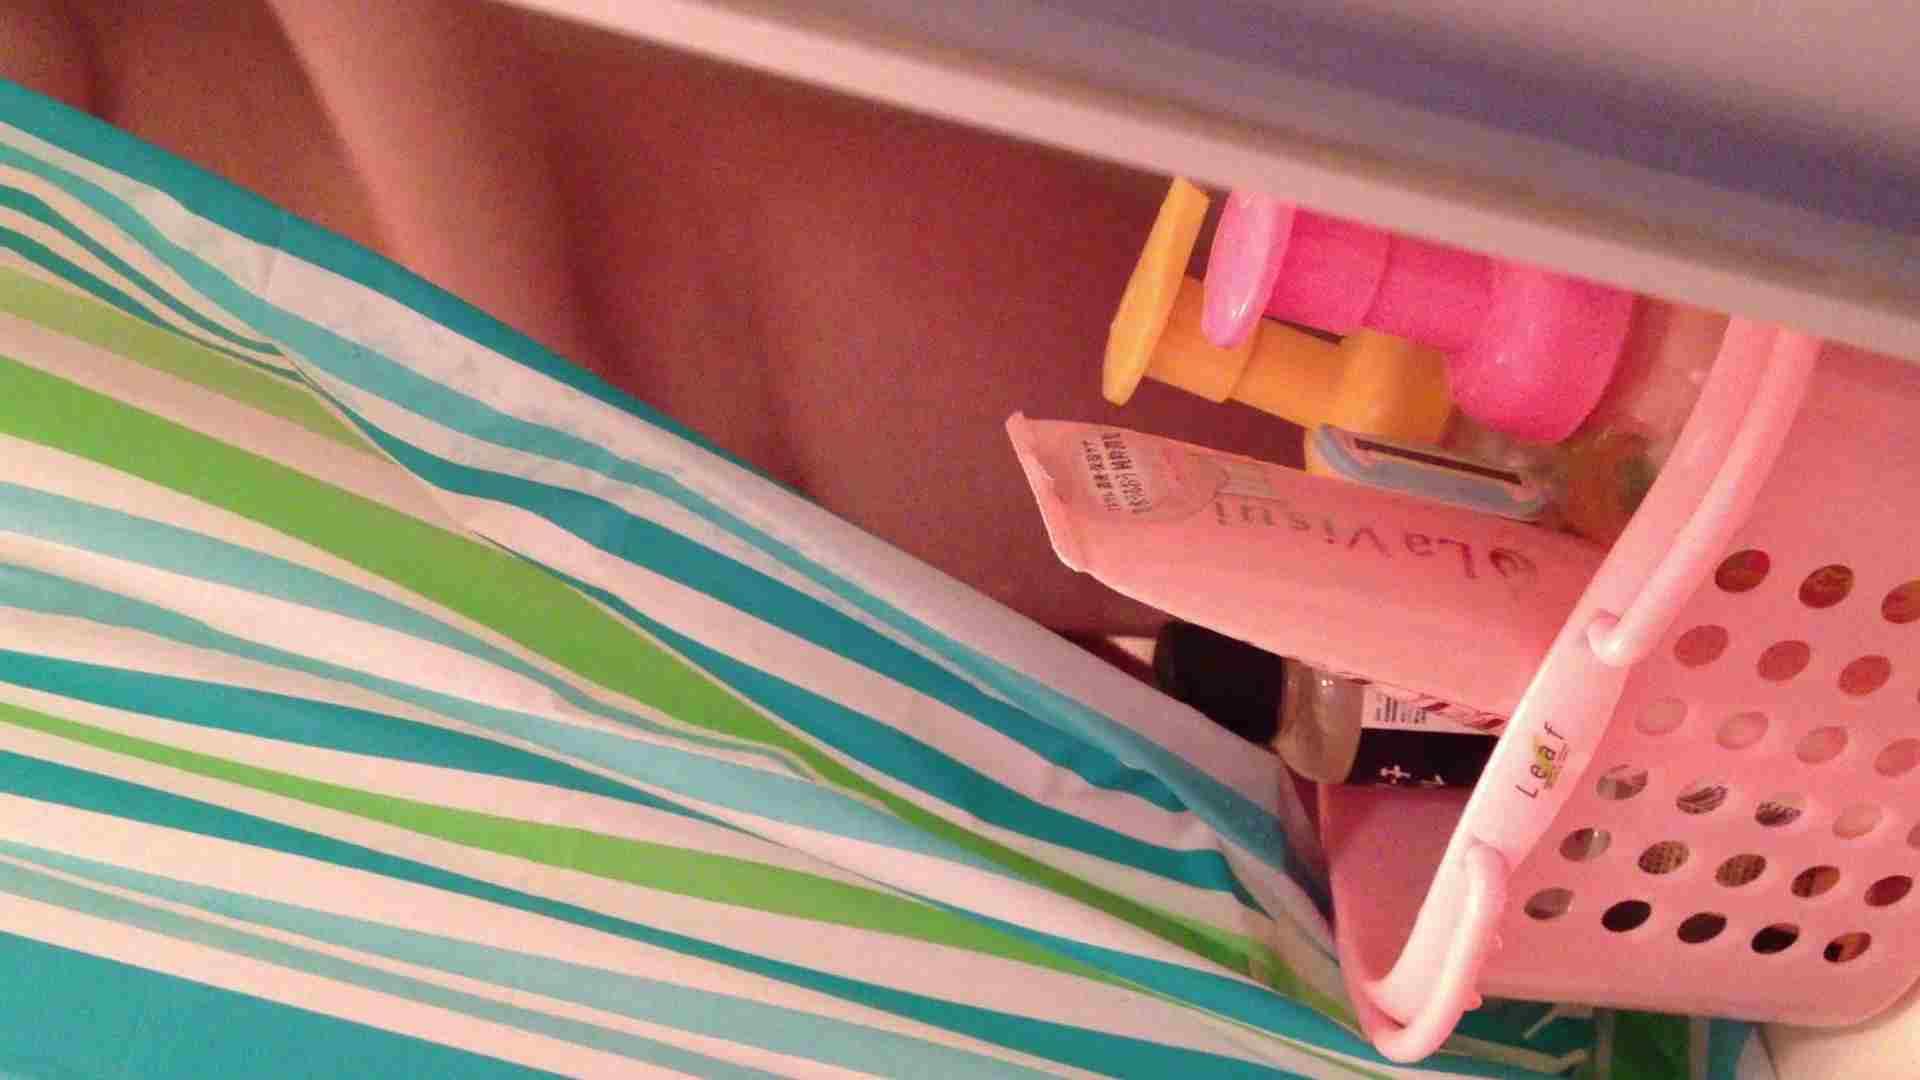 16(16日目)シャワー中にムダ毛処理をする彼女 パイパン天国  88PIX 86